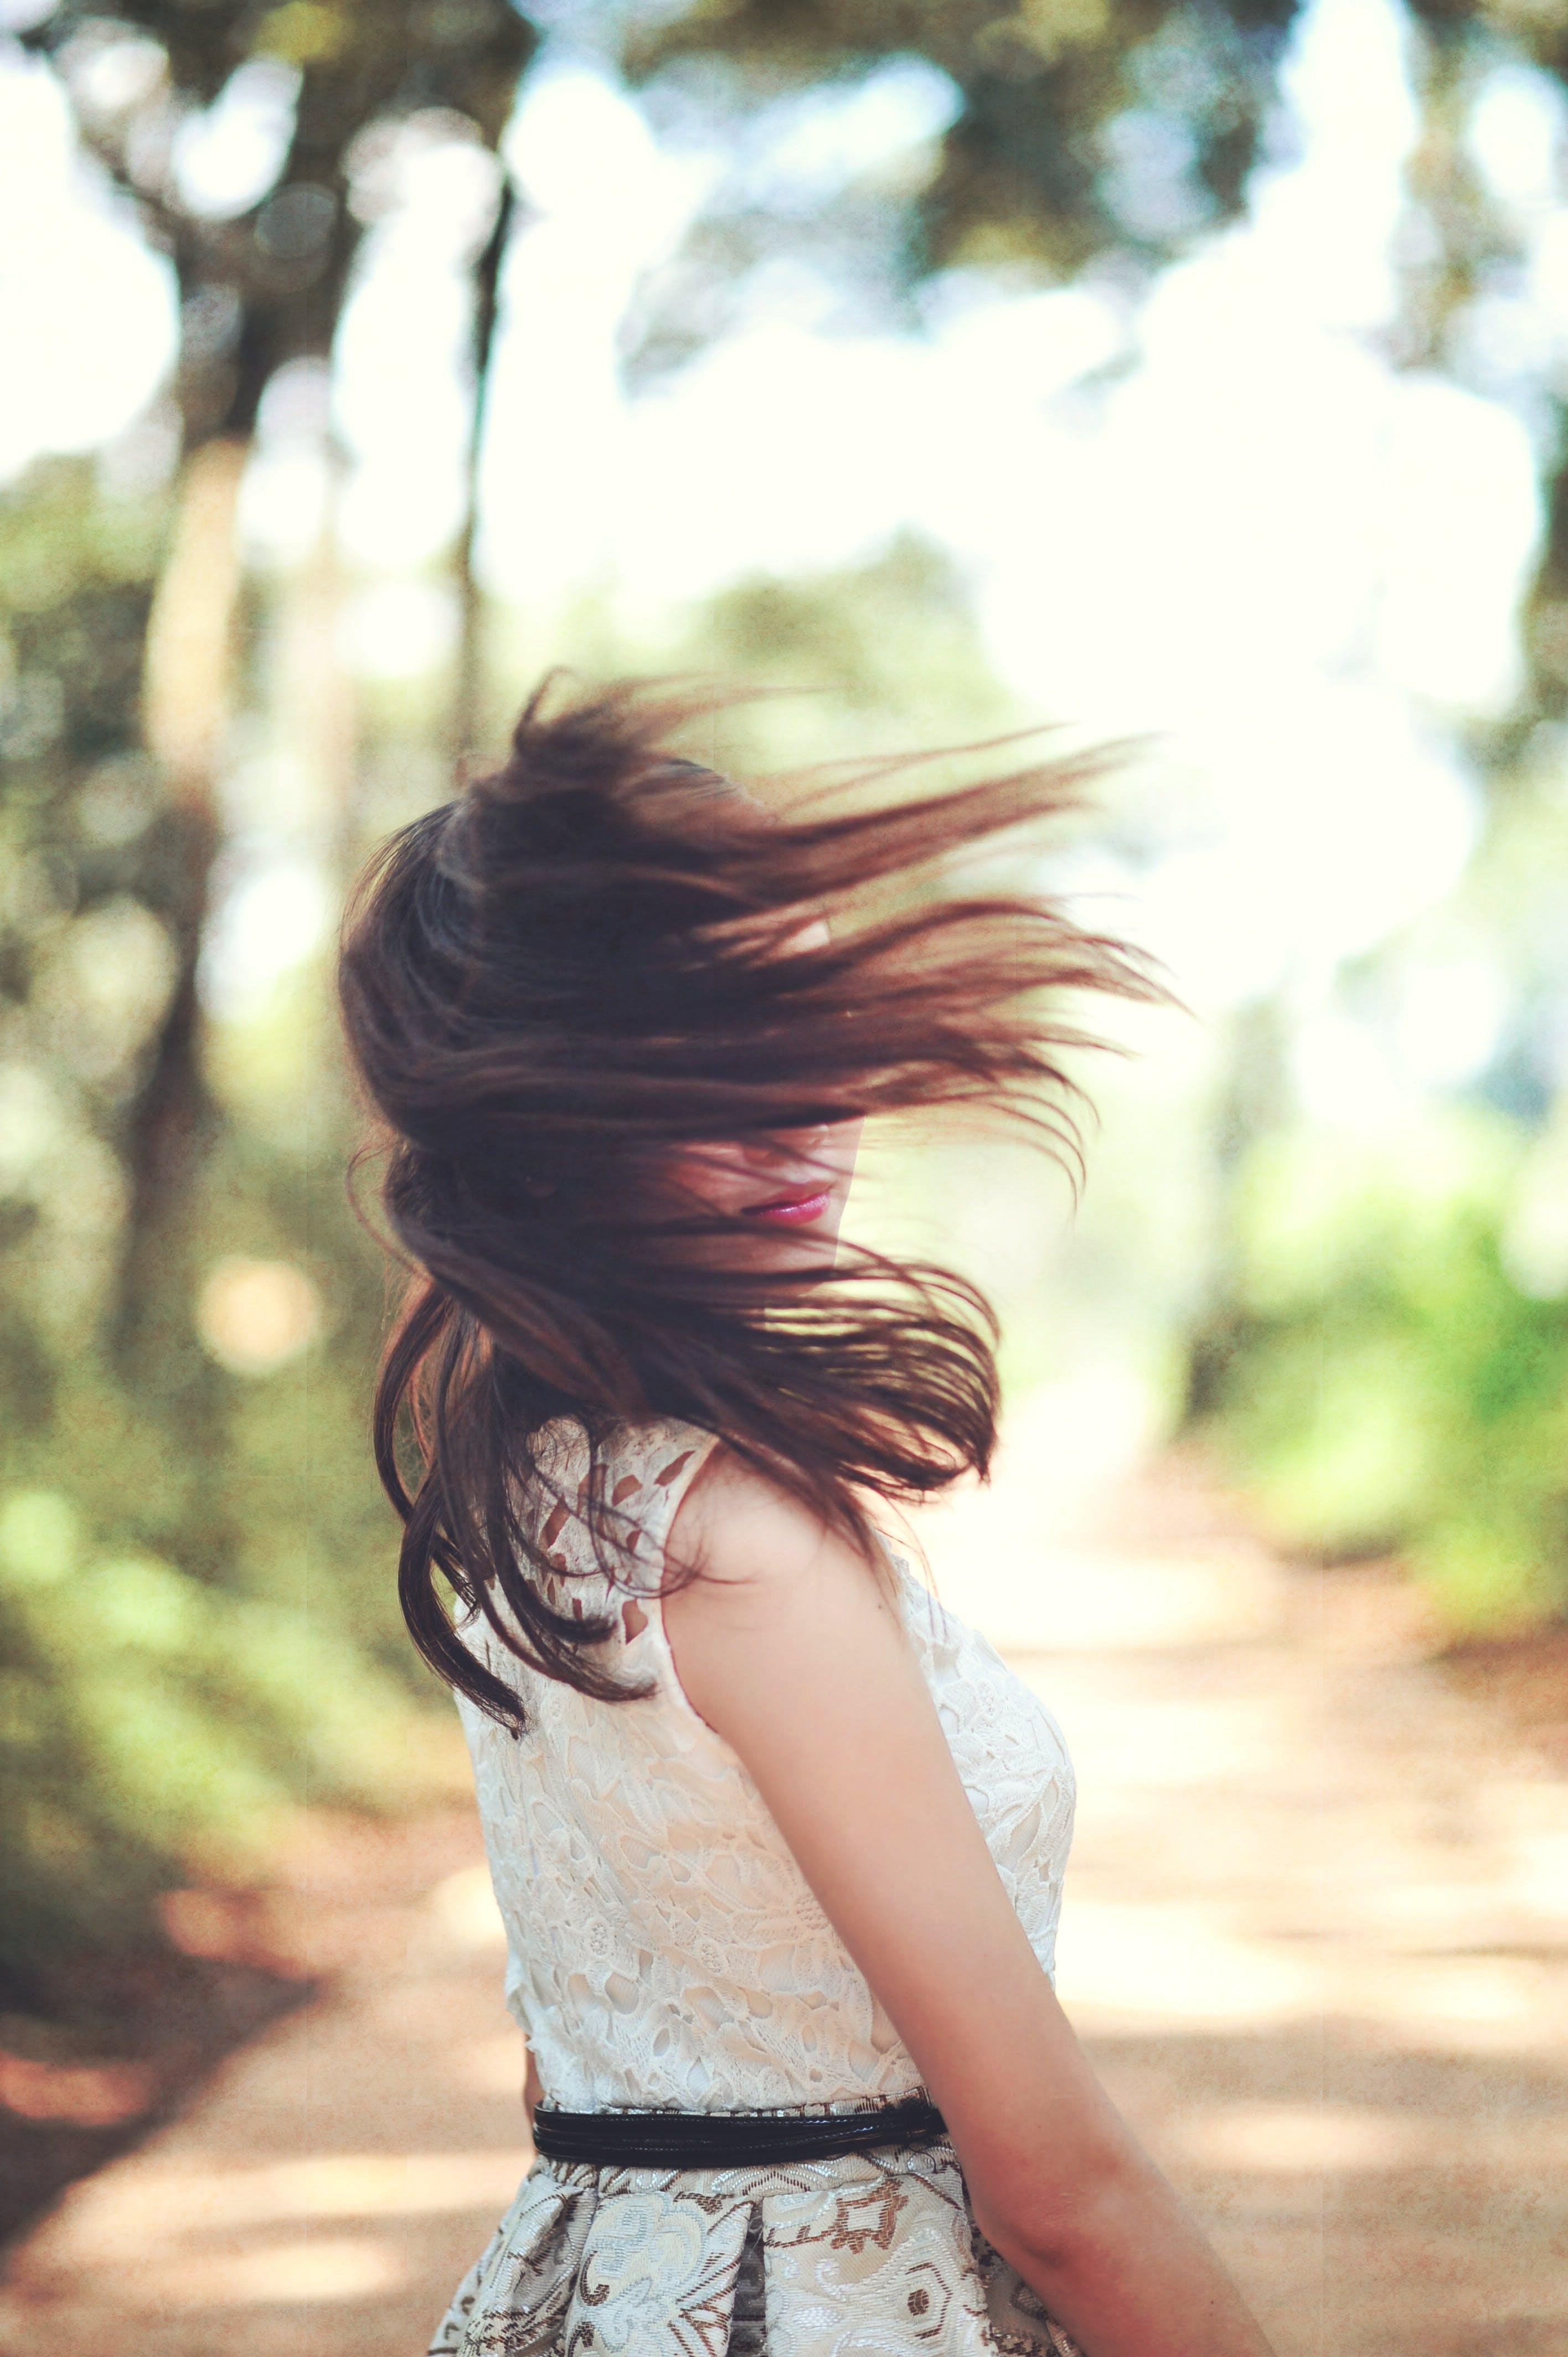 Foto d'estoc gratuïta de adolescent, adult, atractiu, bellesa